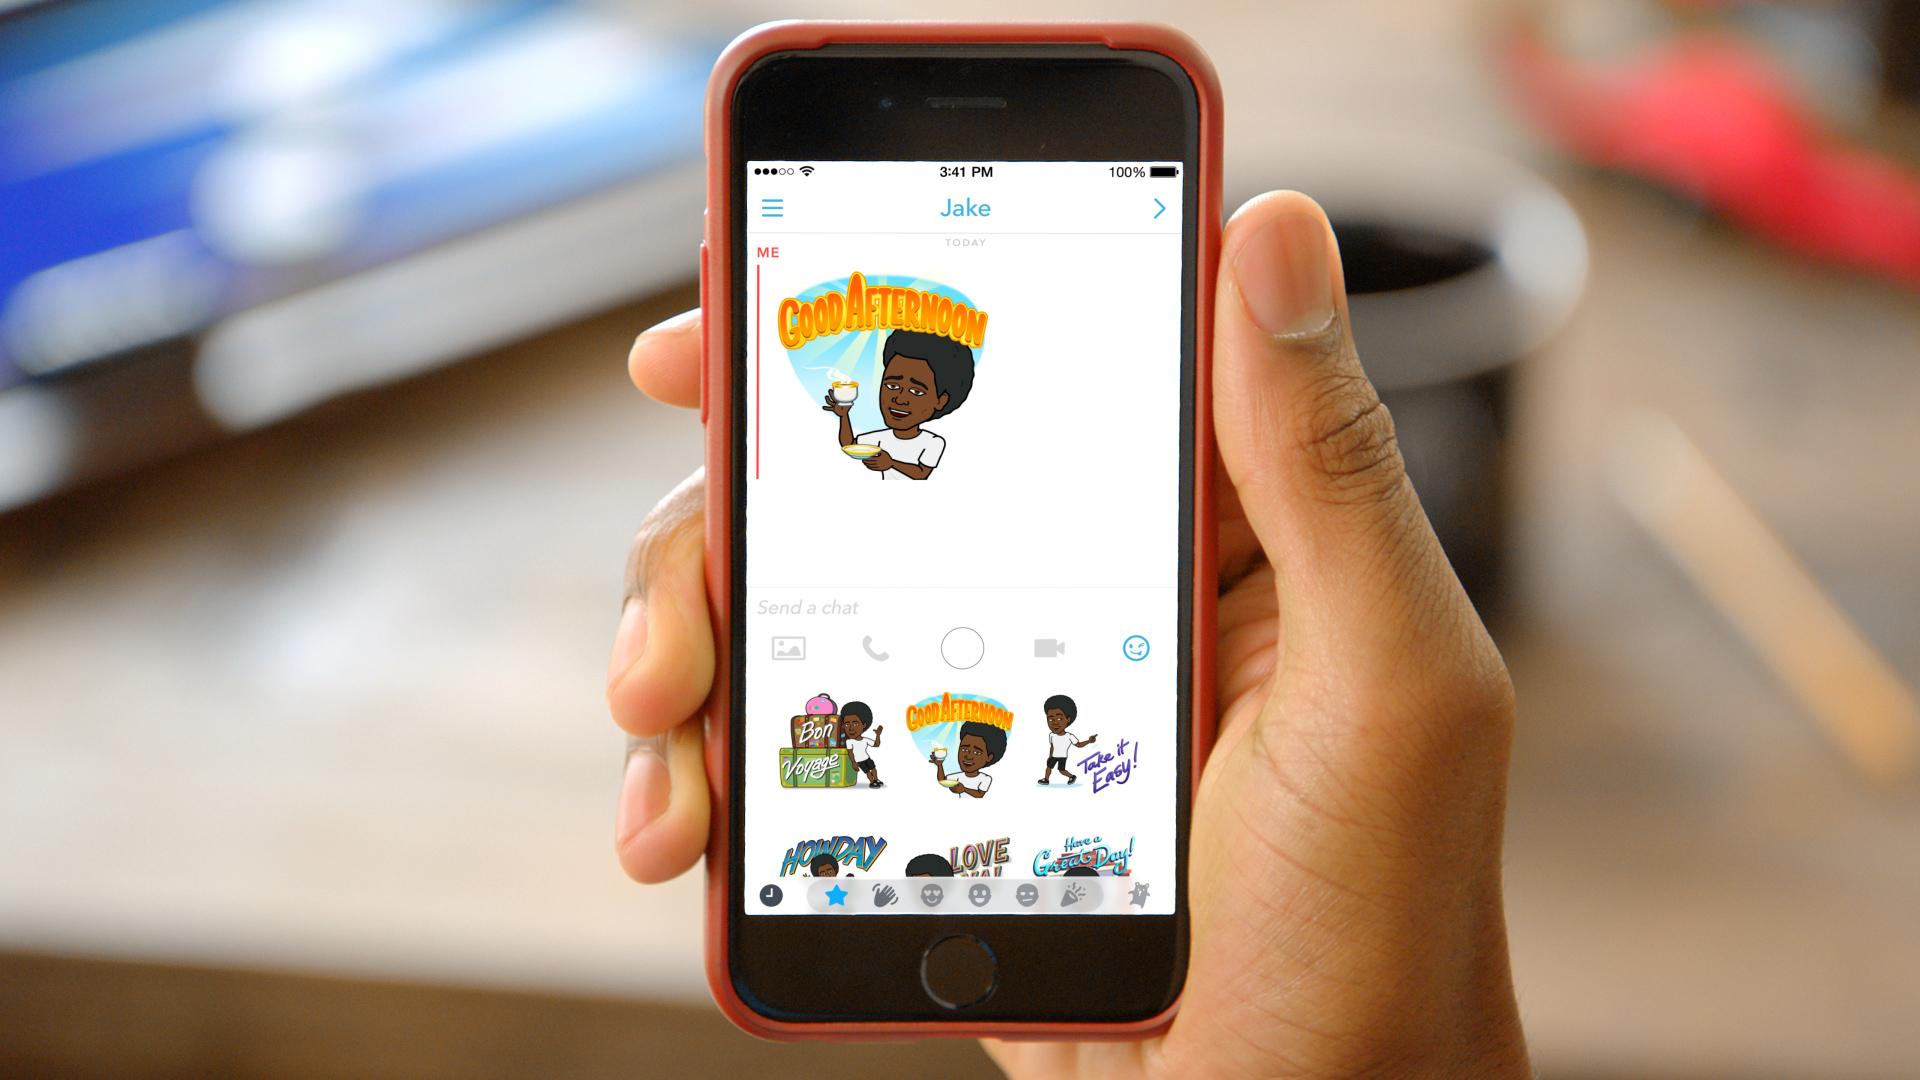 Bitmoji used inside Snapchat.